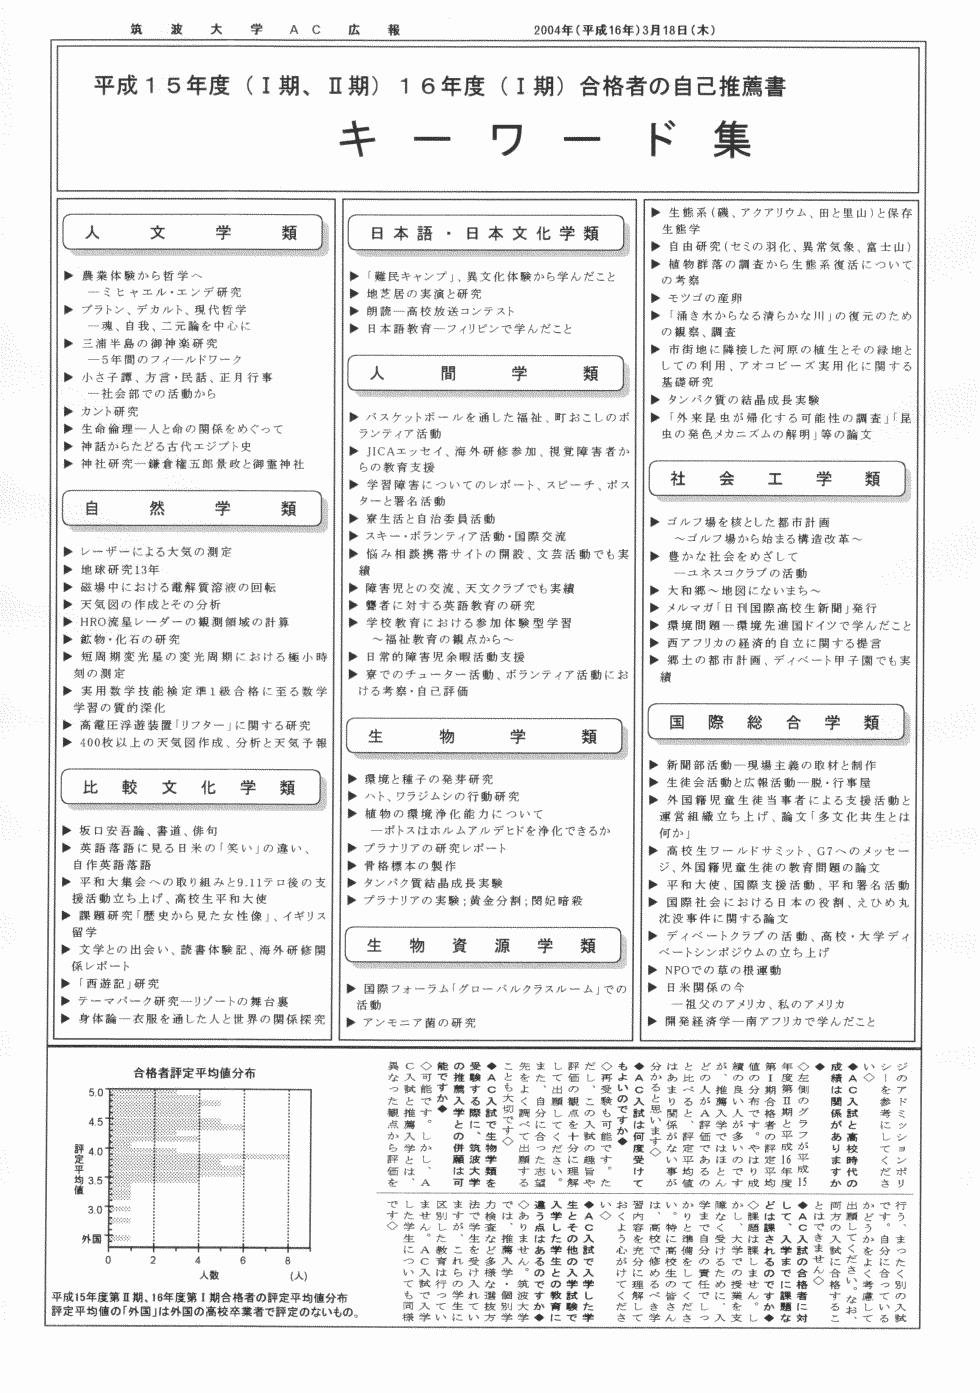 AC入試リーフレット 平成17年度版3